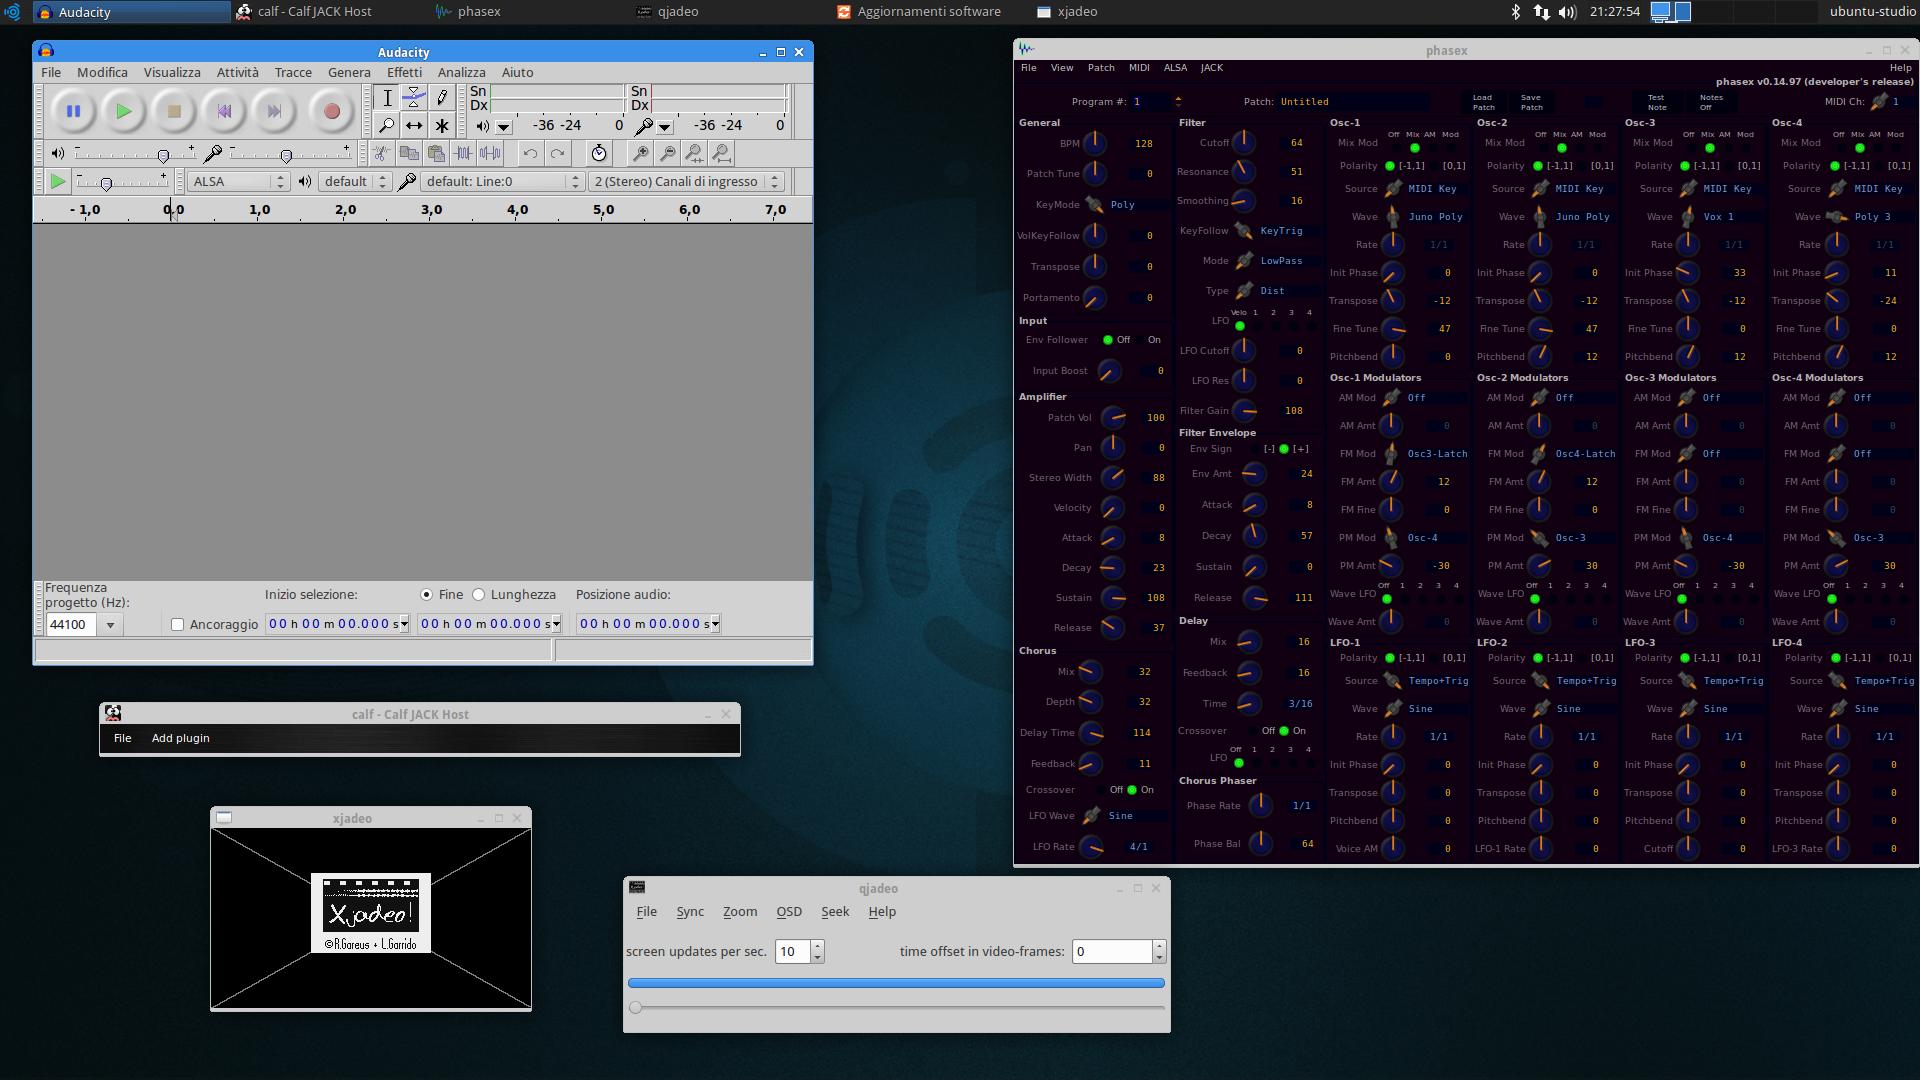 sites/default/files/scopri-ubuntu/ubuntustudio/audio.png